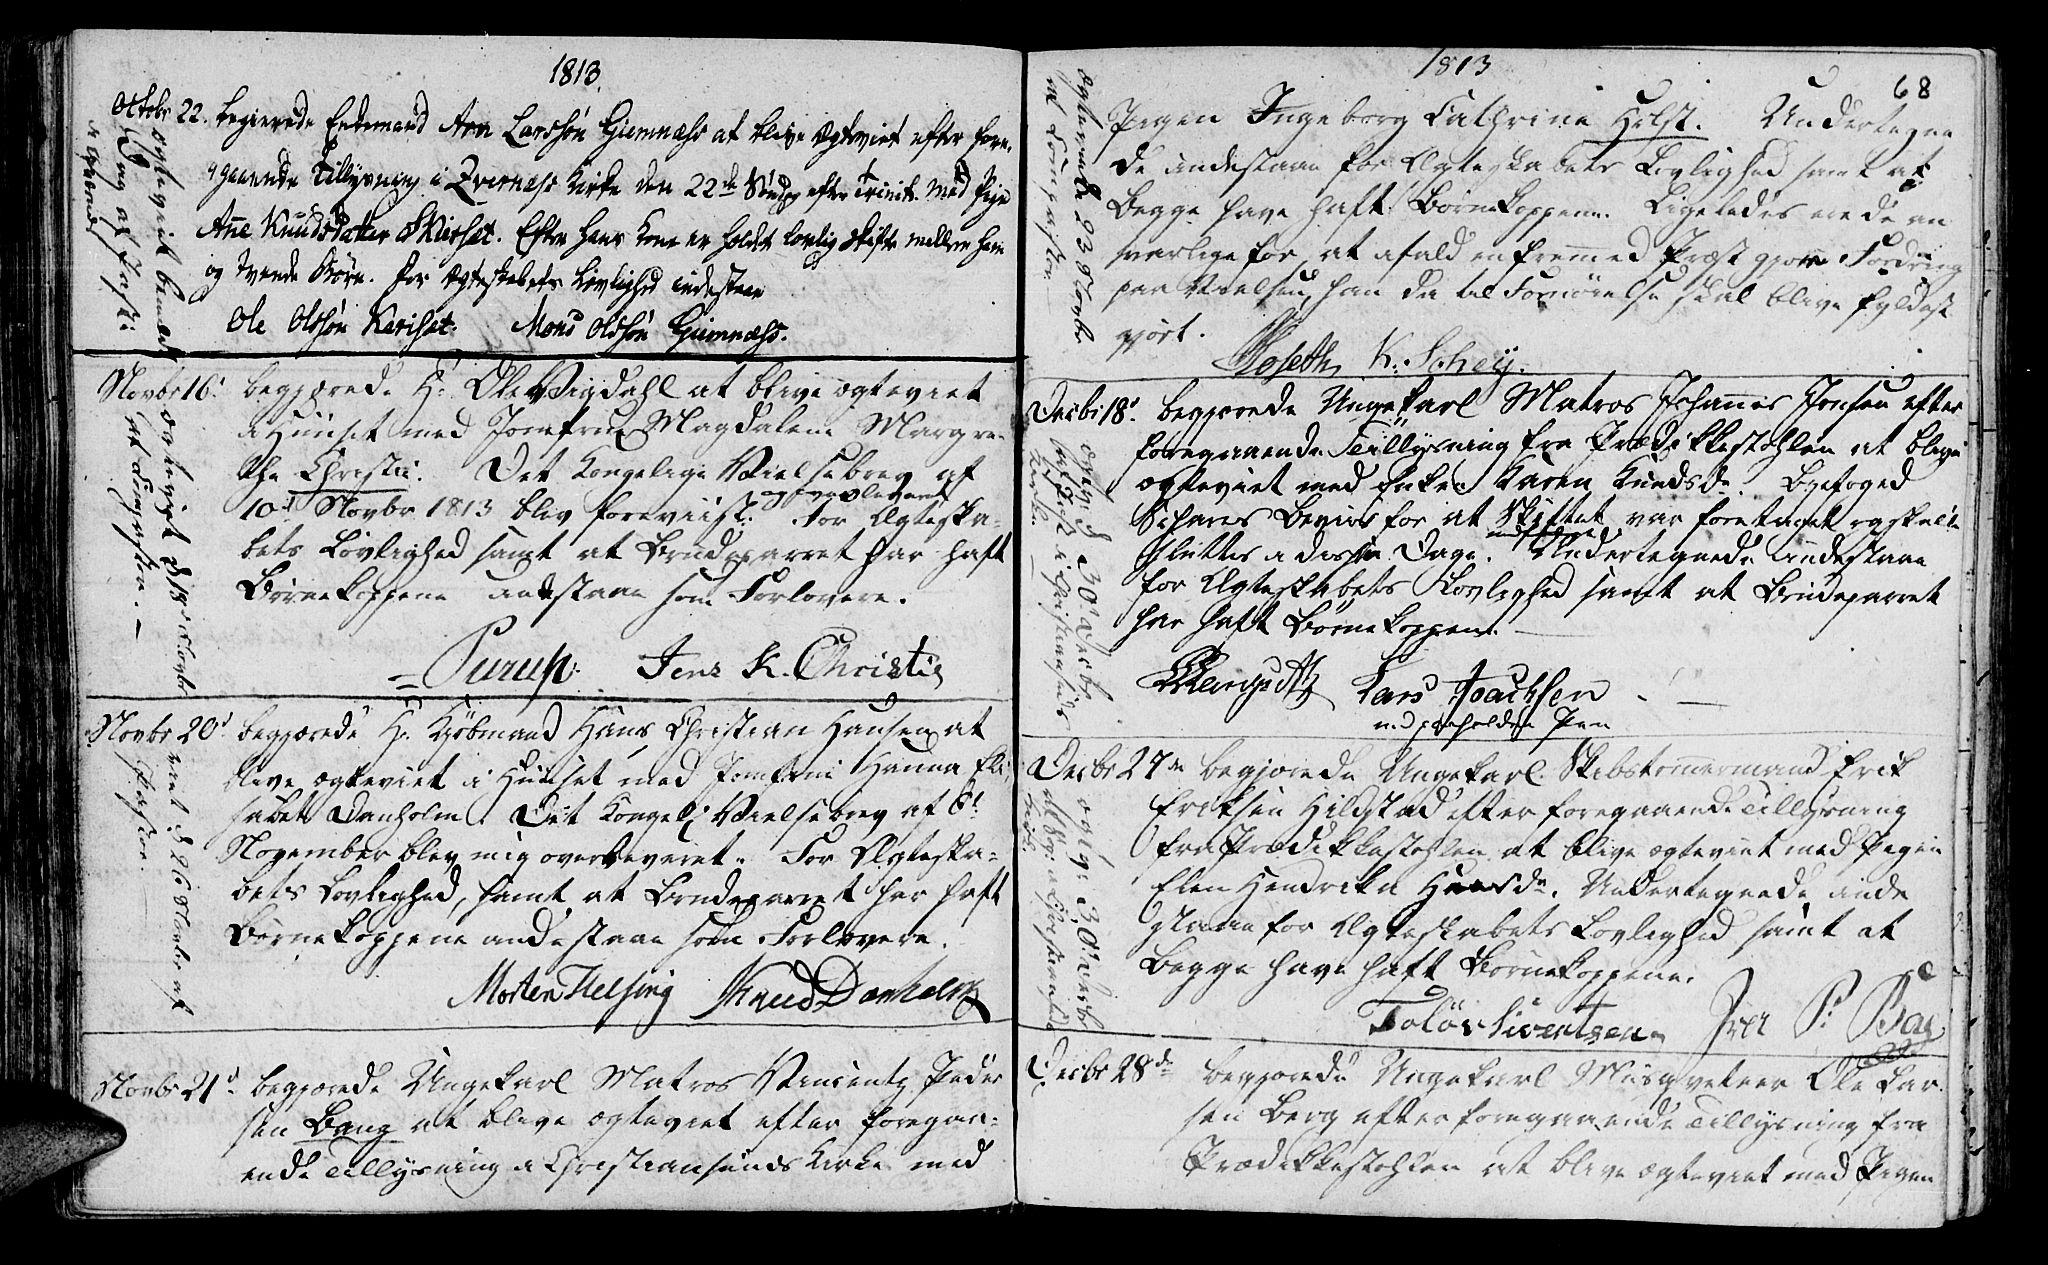 SAT, Ministerialprotokoller, klokkerbøker og fødselsregistre - Møre og Romsdal, 568/L0795: Ministerialbok nr. 568A04, 1802-1845, s. 68